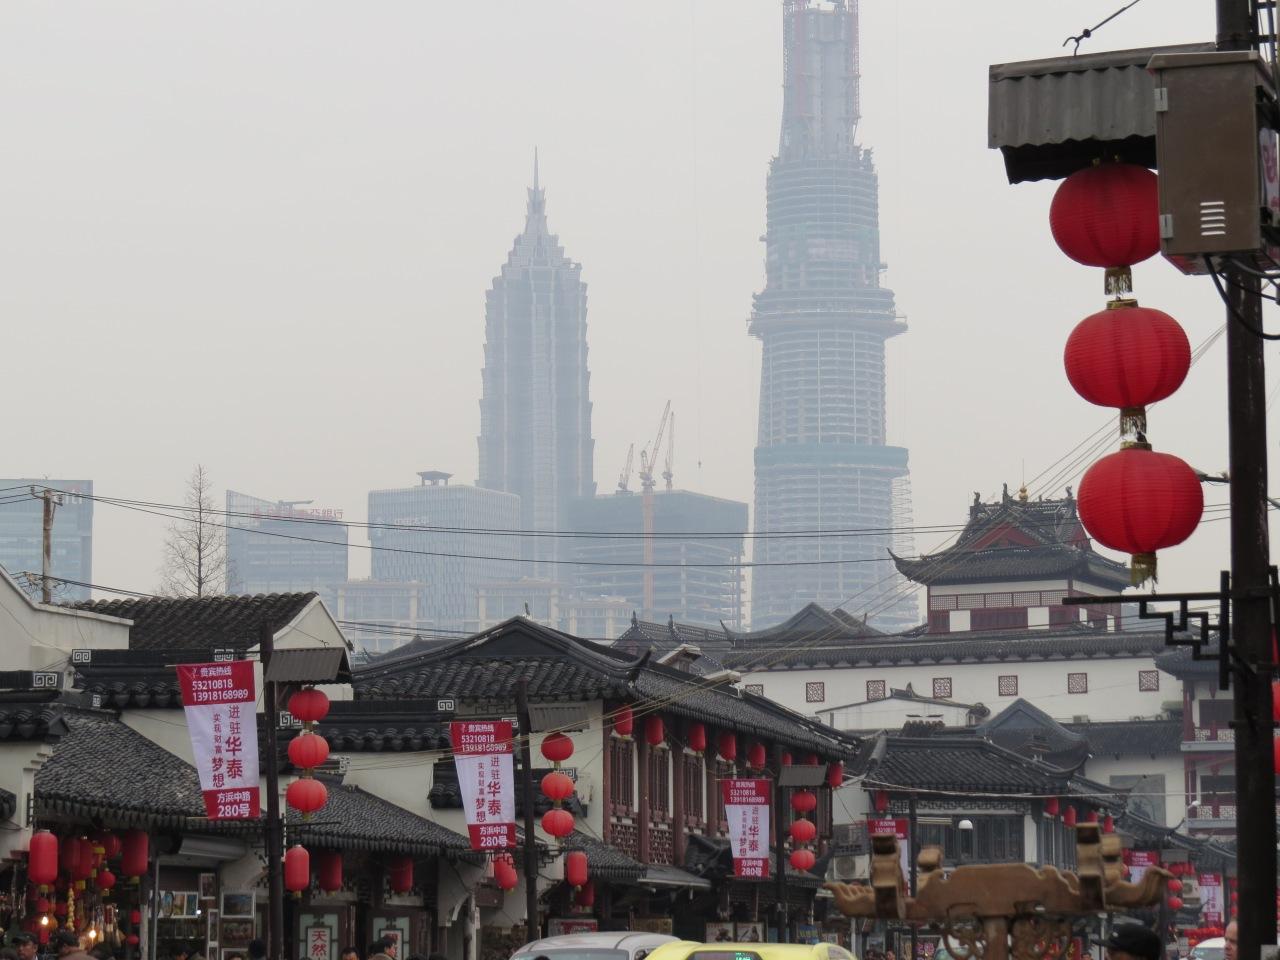 Szanghaj, zanieczyszczenia powietrza w Chinach, Chiny zanieczyszczenia, ekologia Chiny, zanieczyszczone powietrze w Chinach